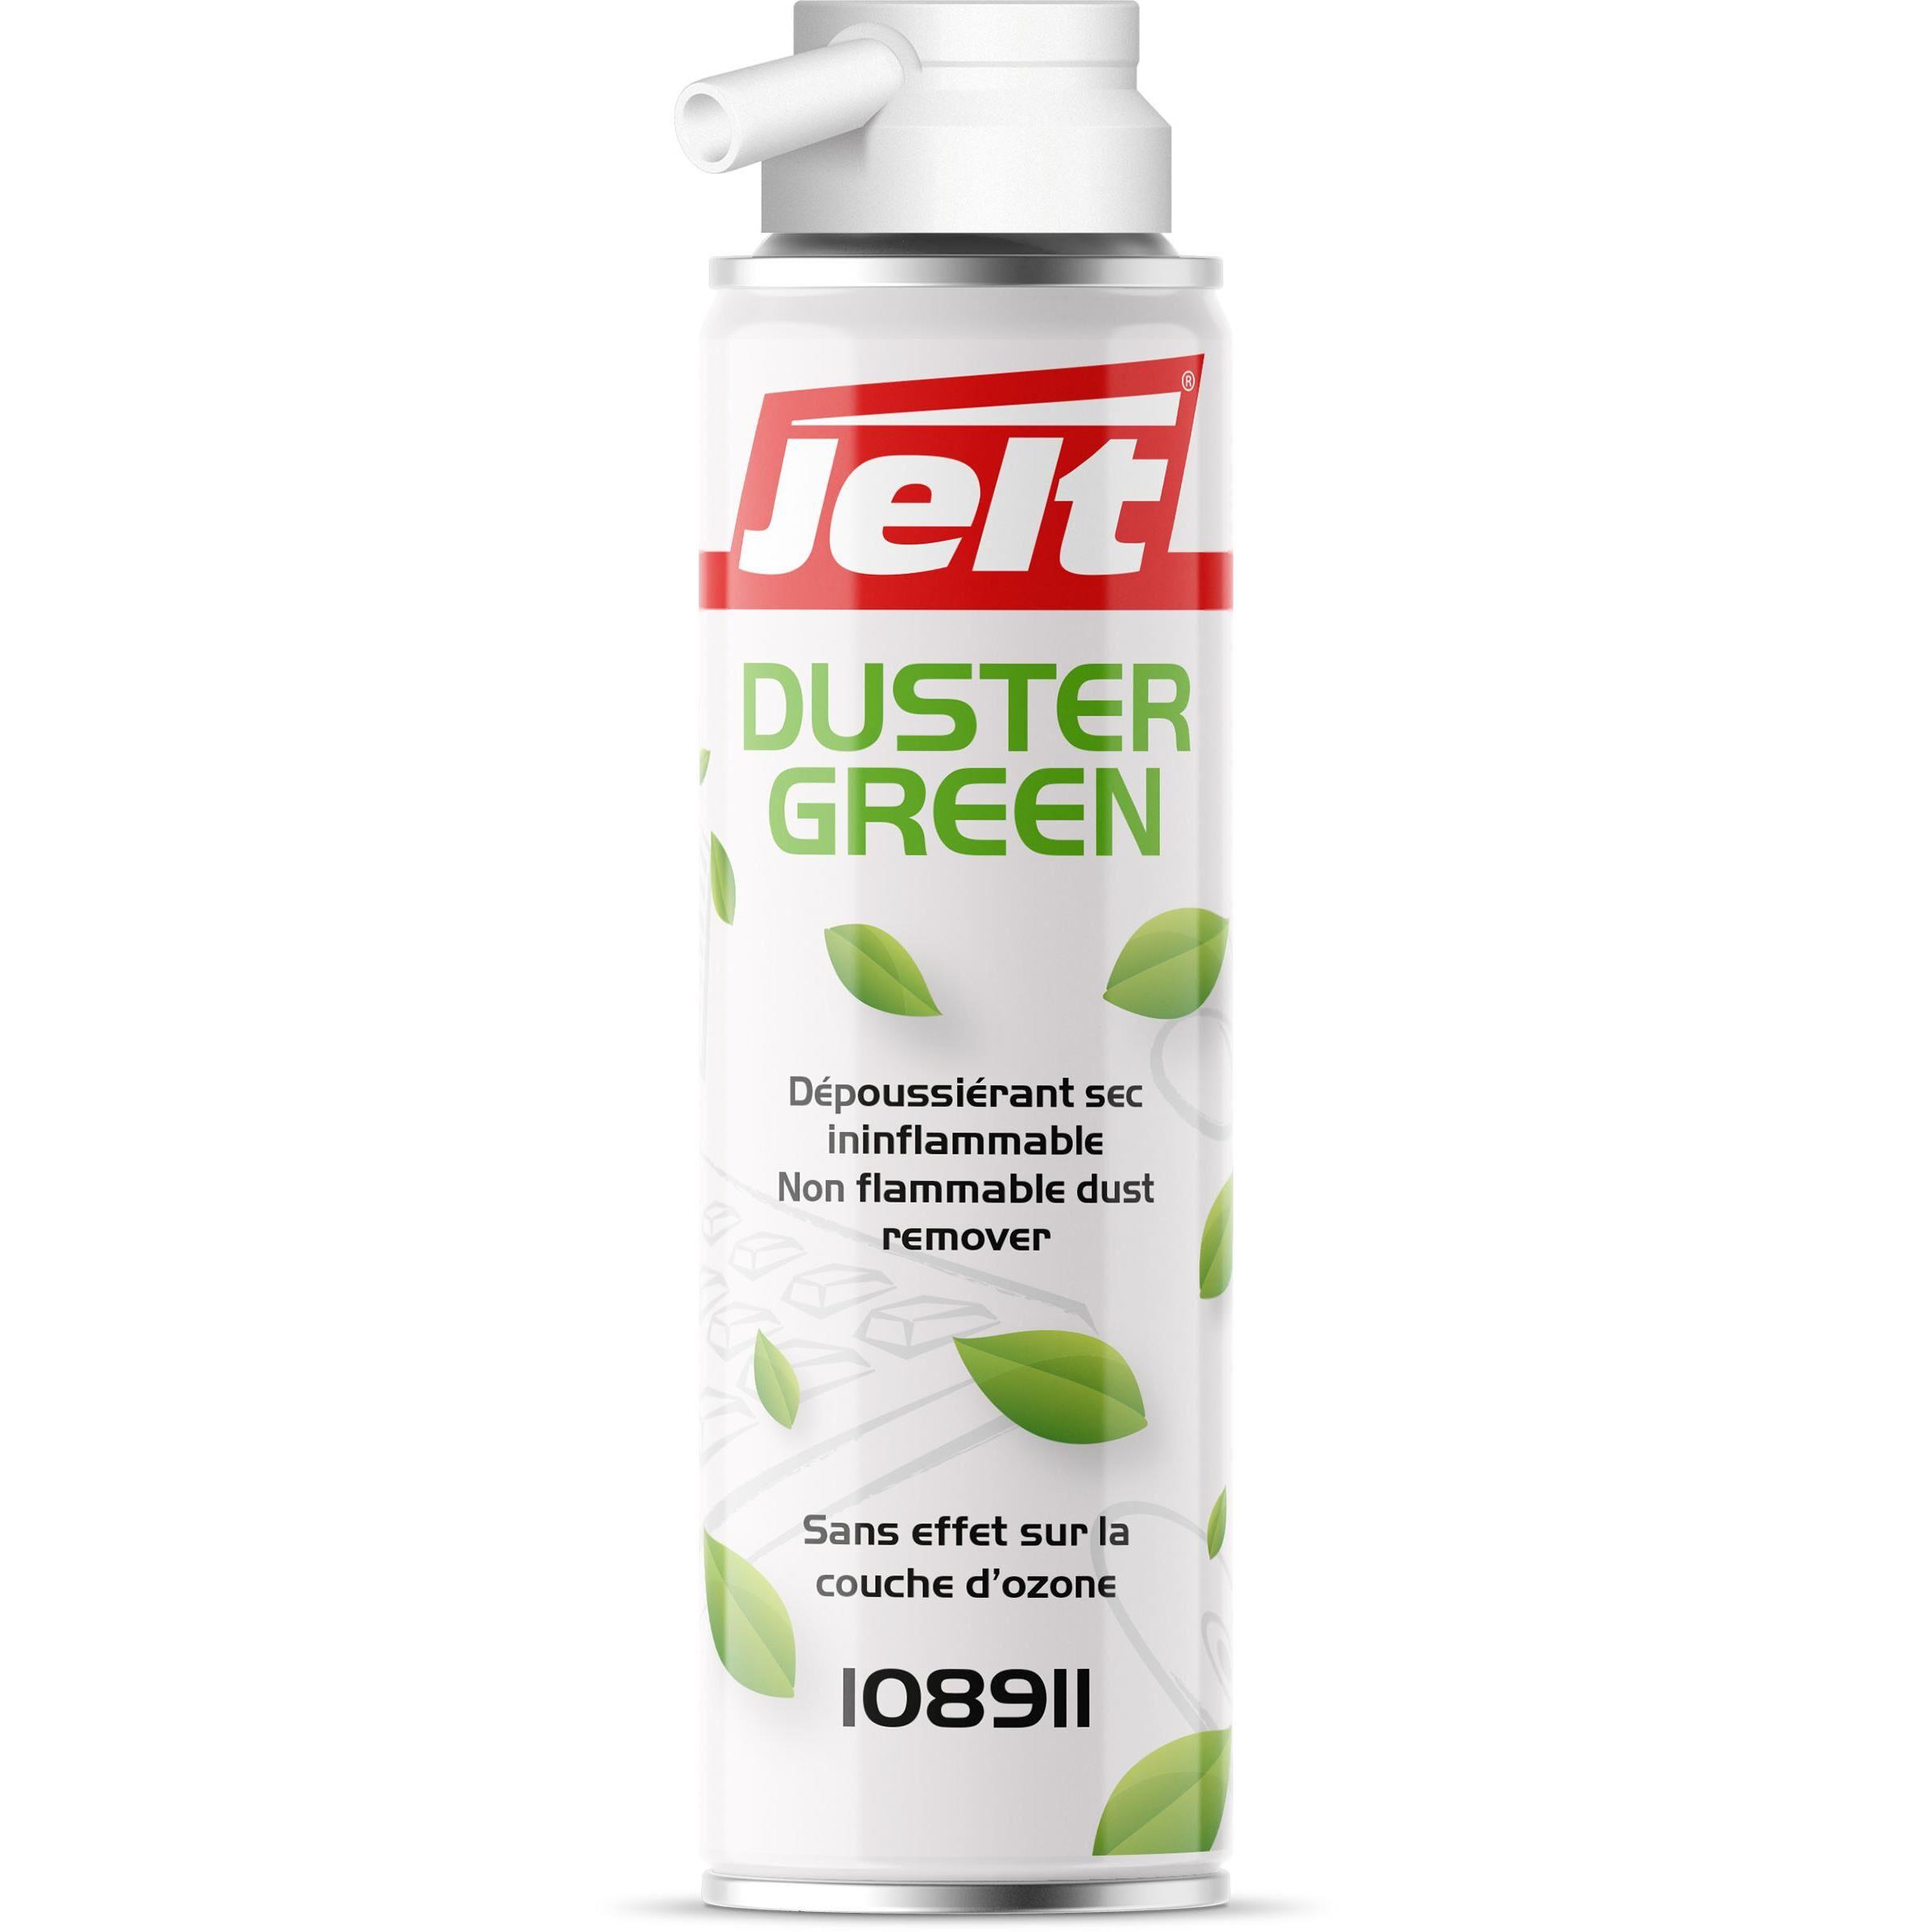 Jelt Aérosol de dépoussiérage Dustergreen standard - 400 g - bouteille 650 millilitres - Lot de 2